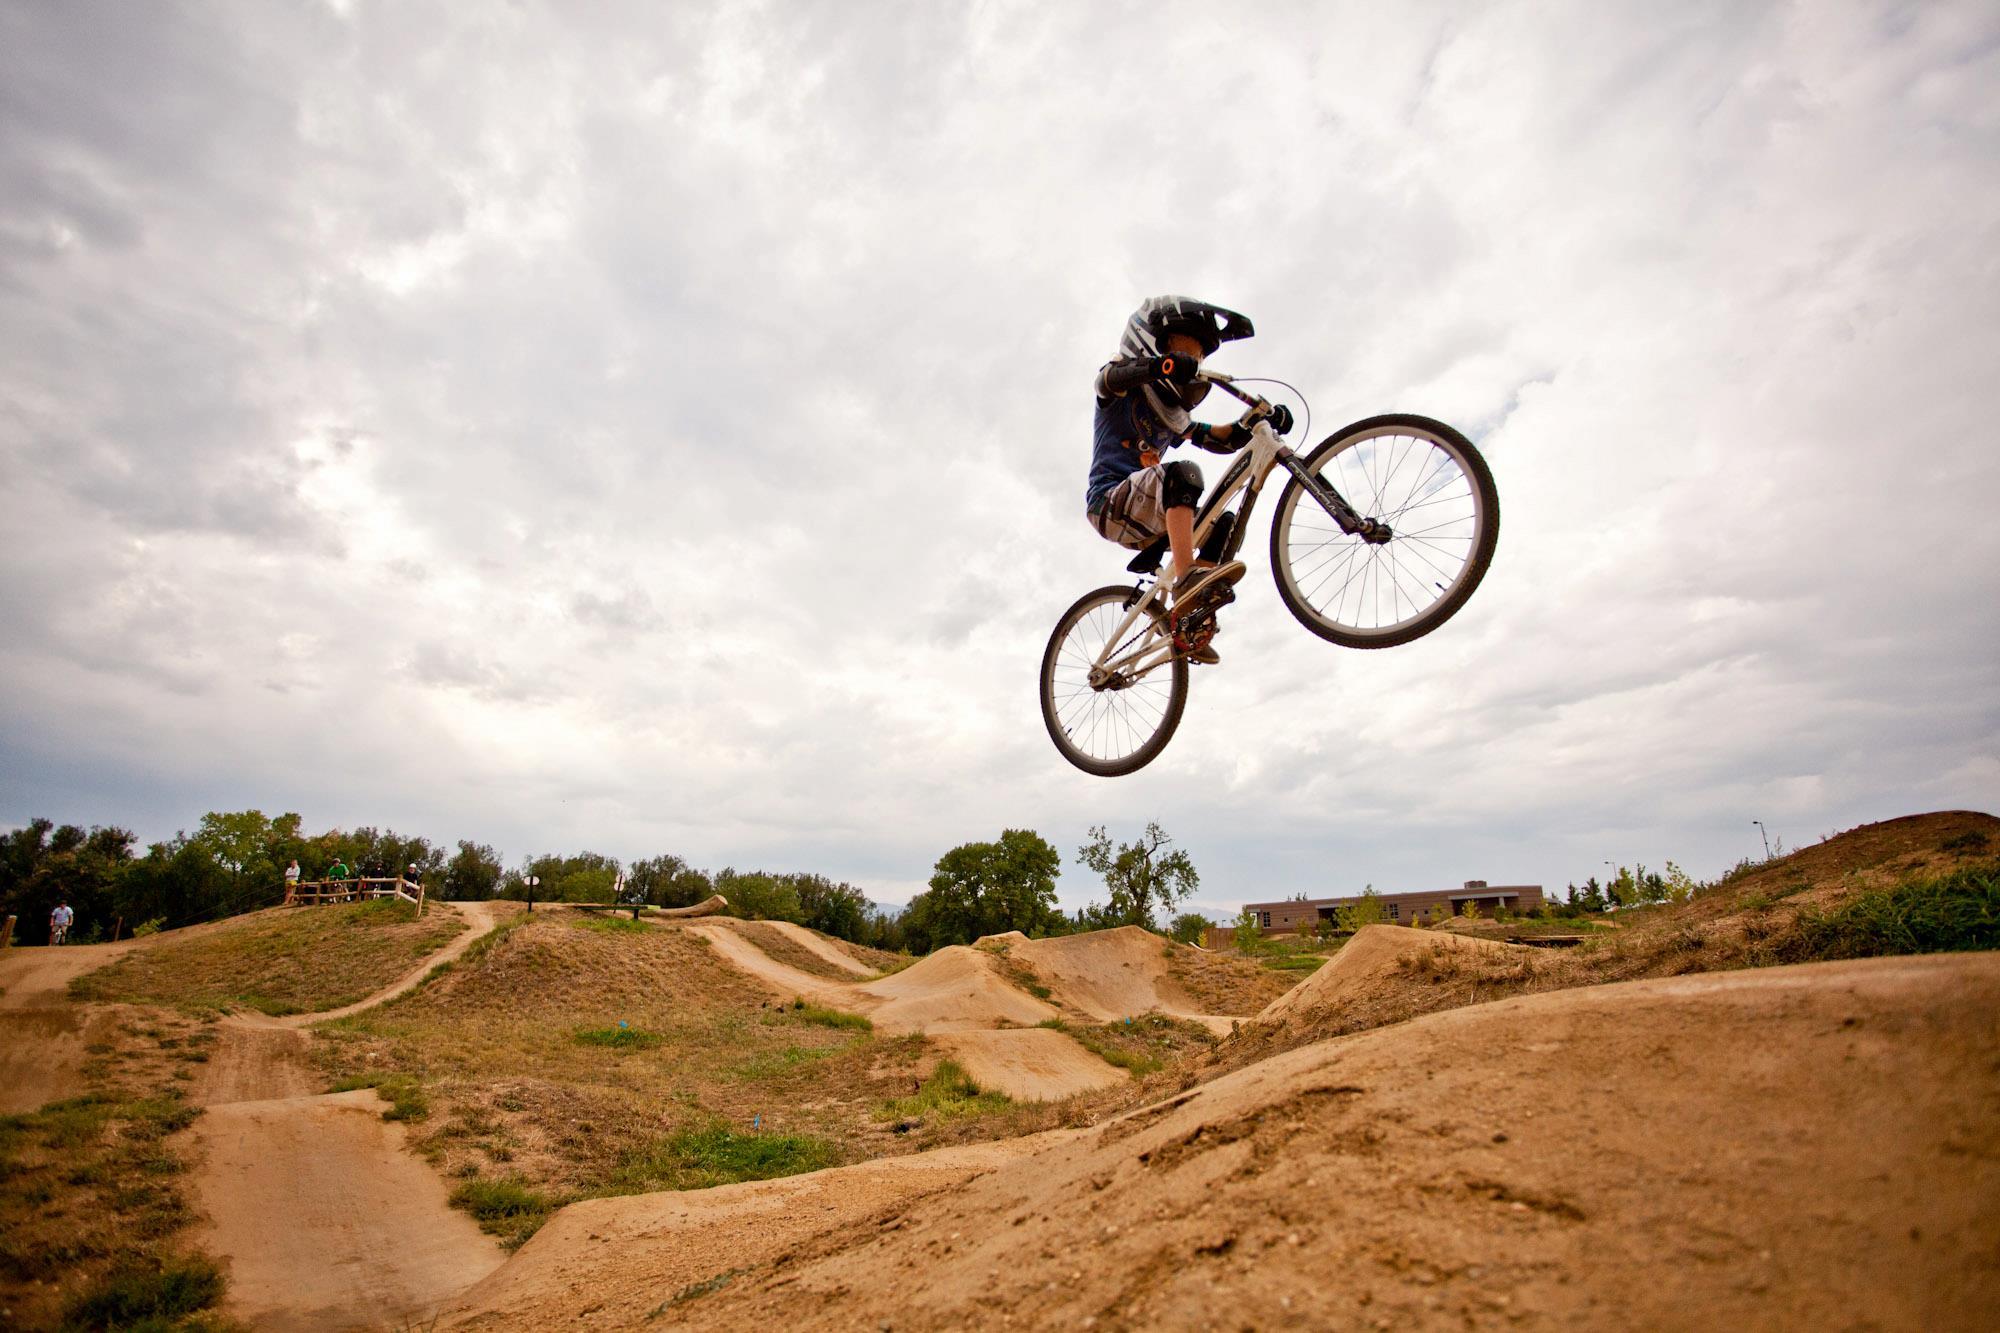 Sport Bike Girl Wallpapers Valmont Dirt Jumps Michaelleedavis Mountain Biking